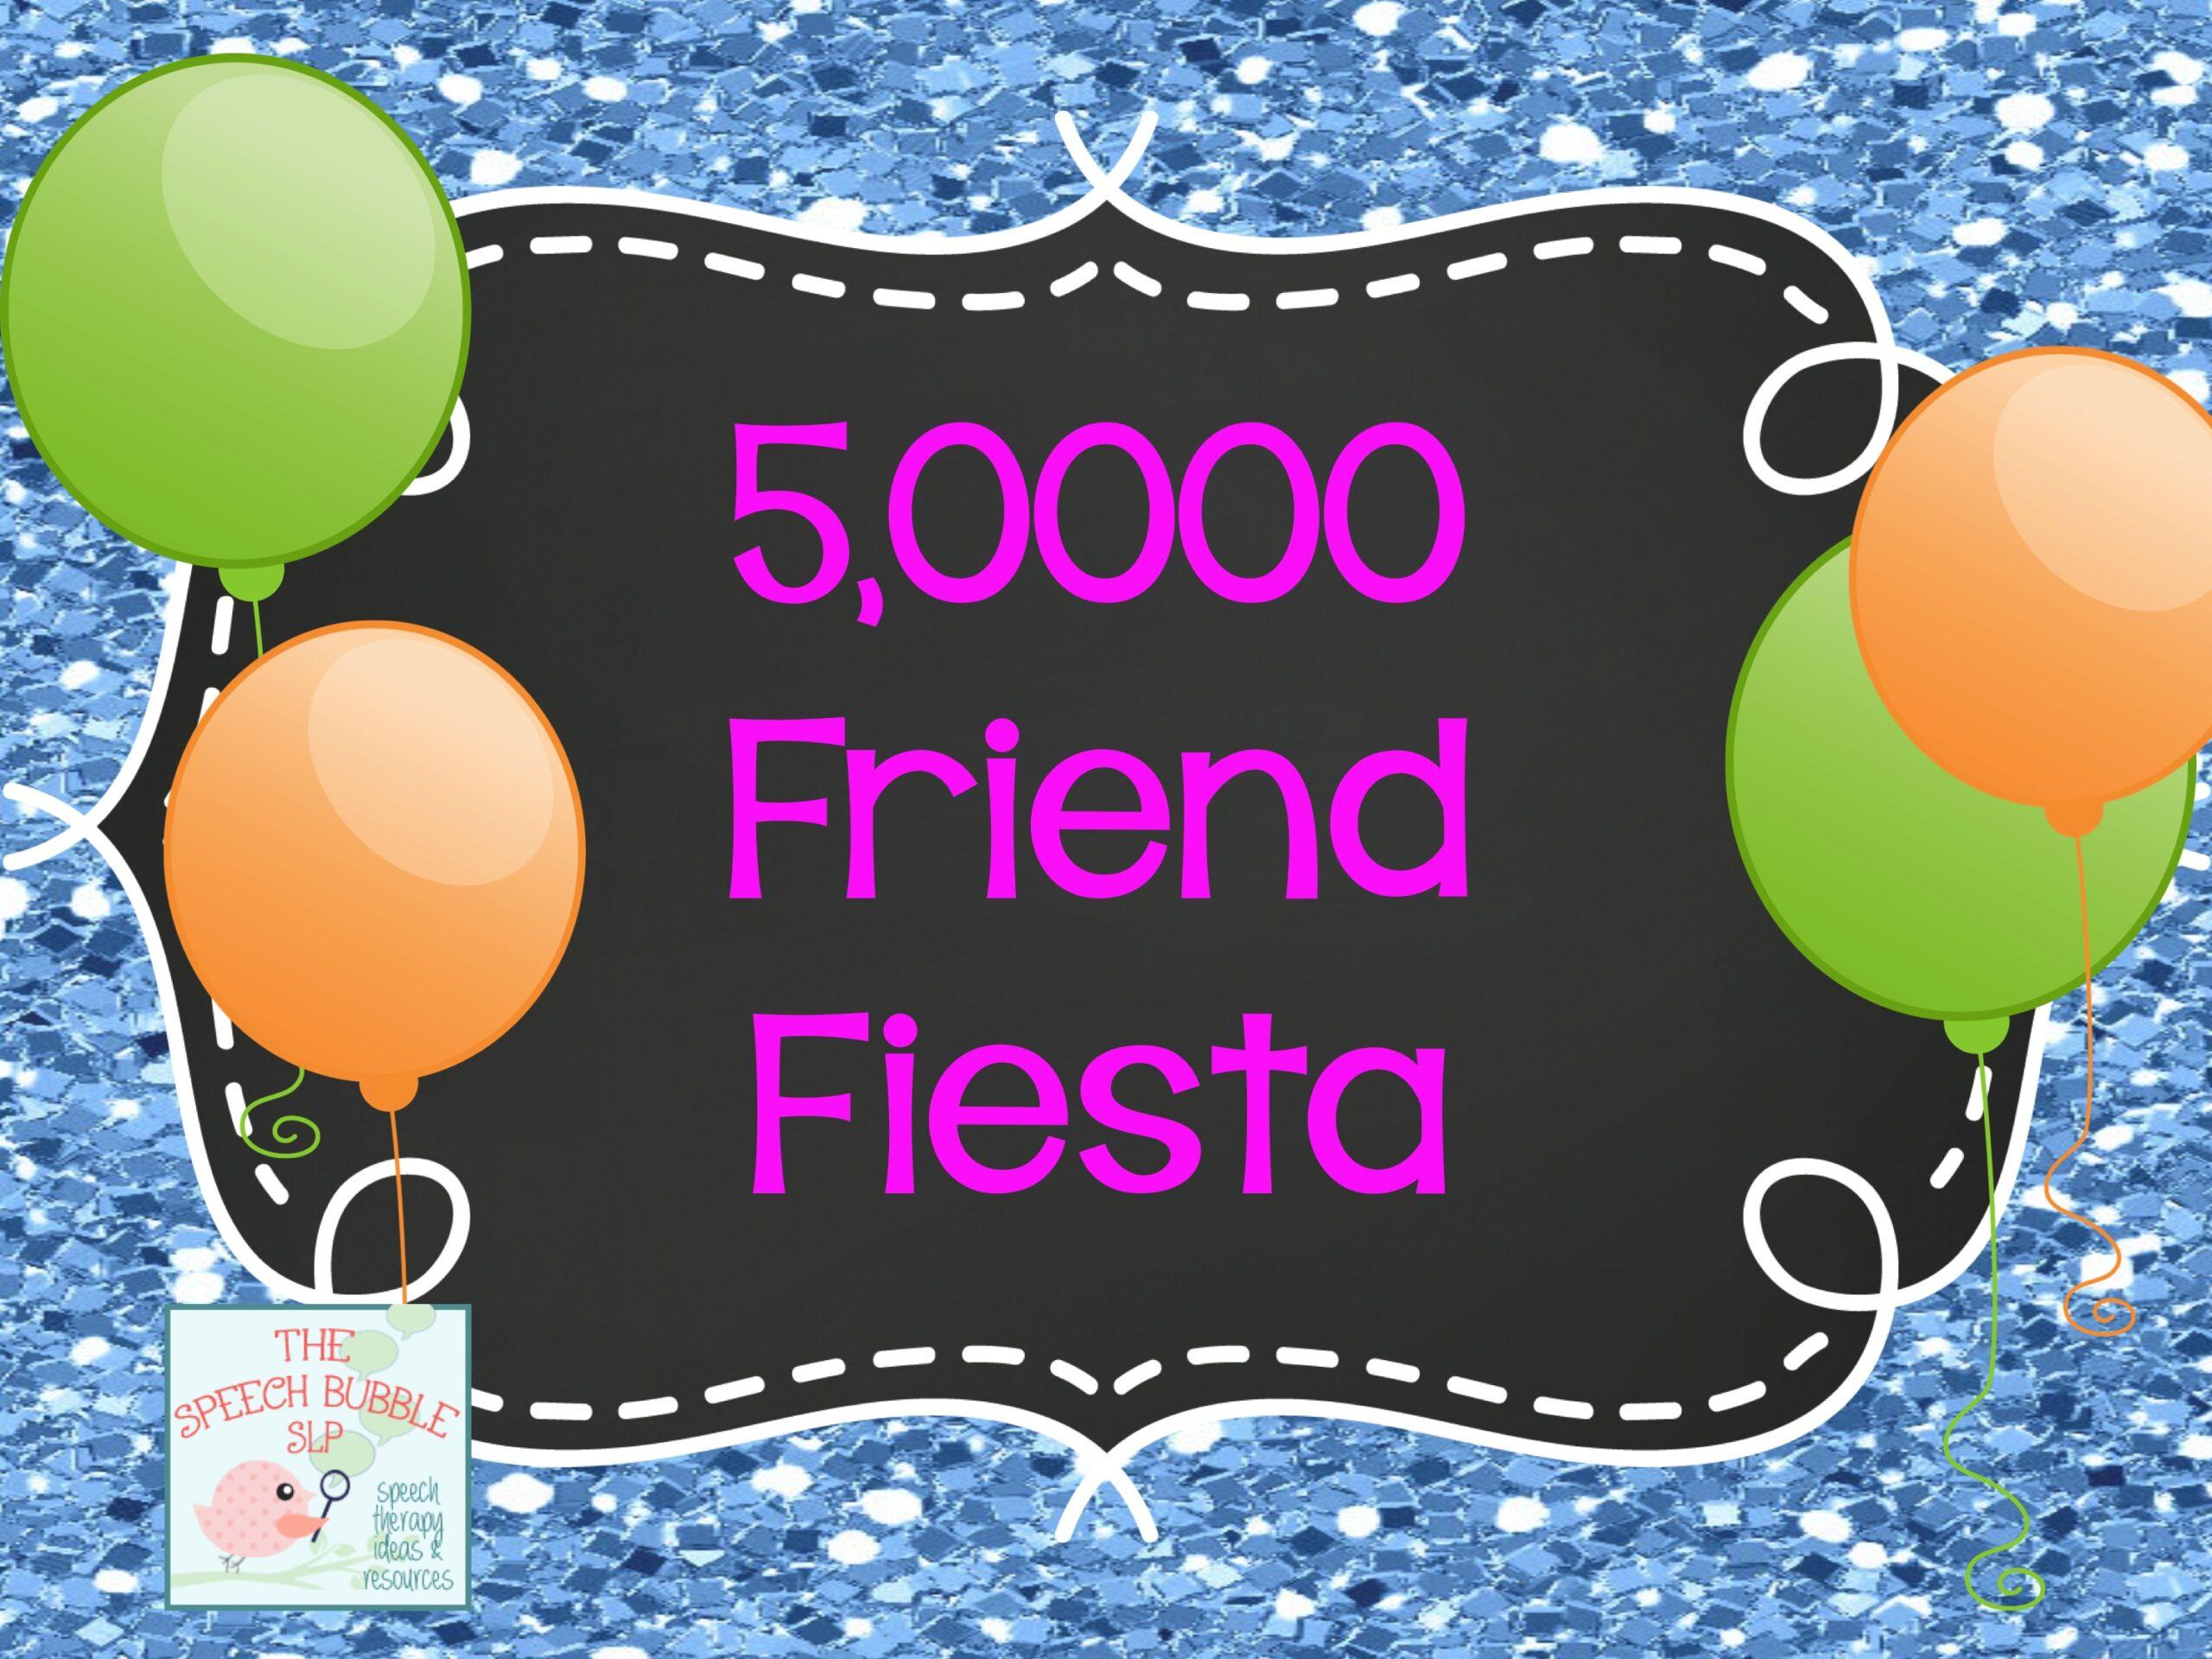 5,000 Friends Fiesta!